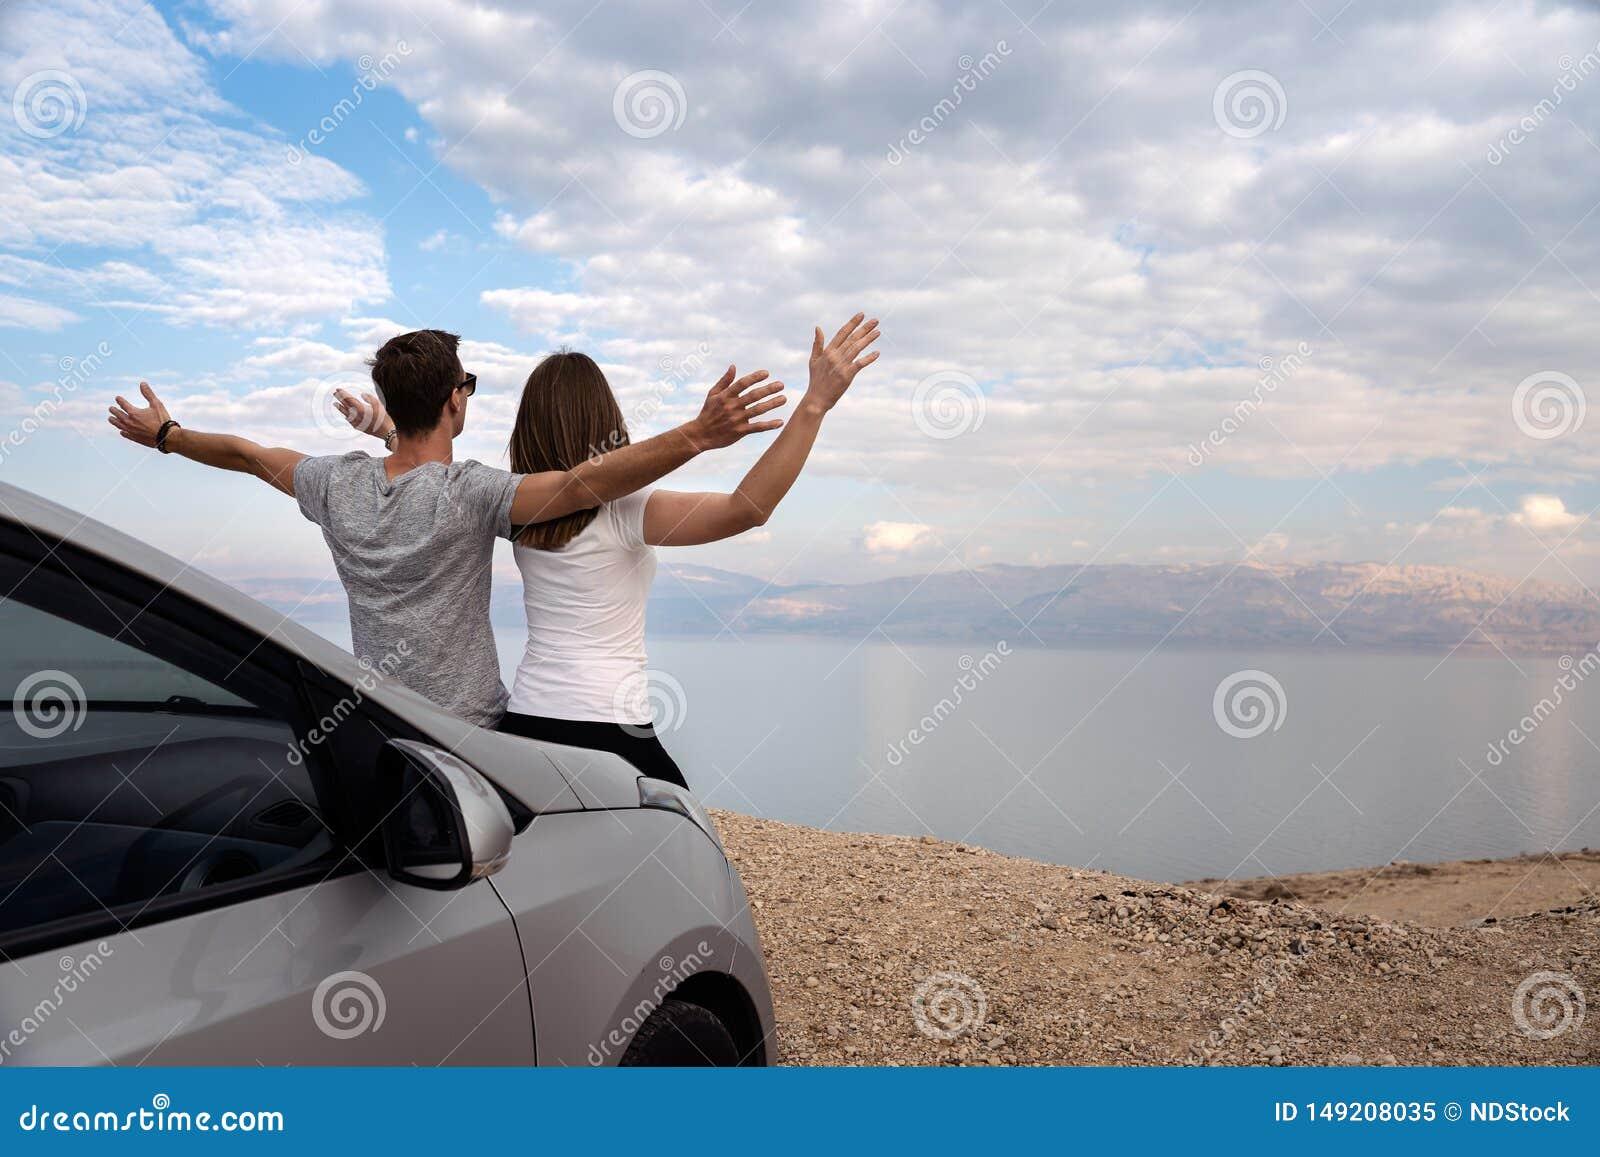 Пары усаженные на клобук двигателя арендованного автомобиля на поездке в Израиле